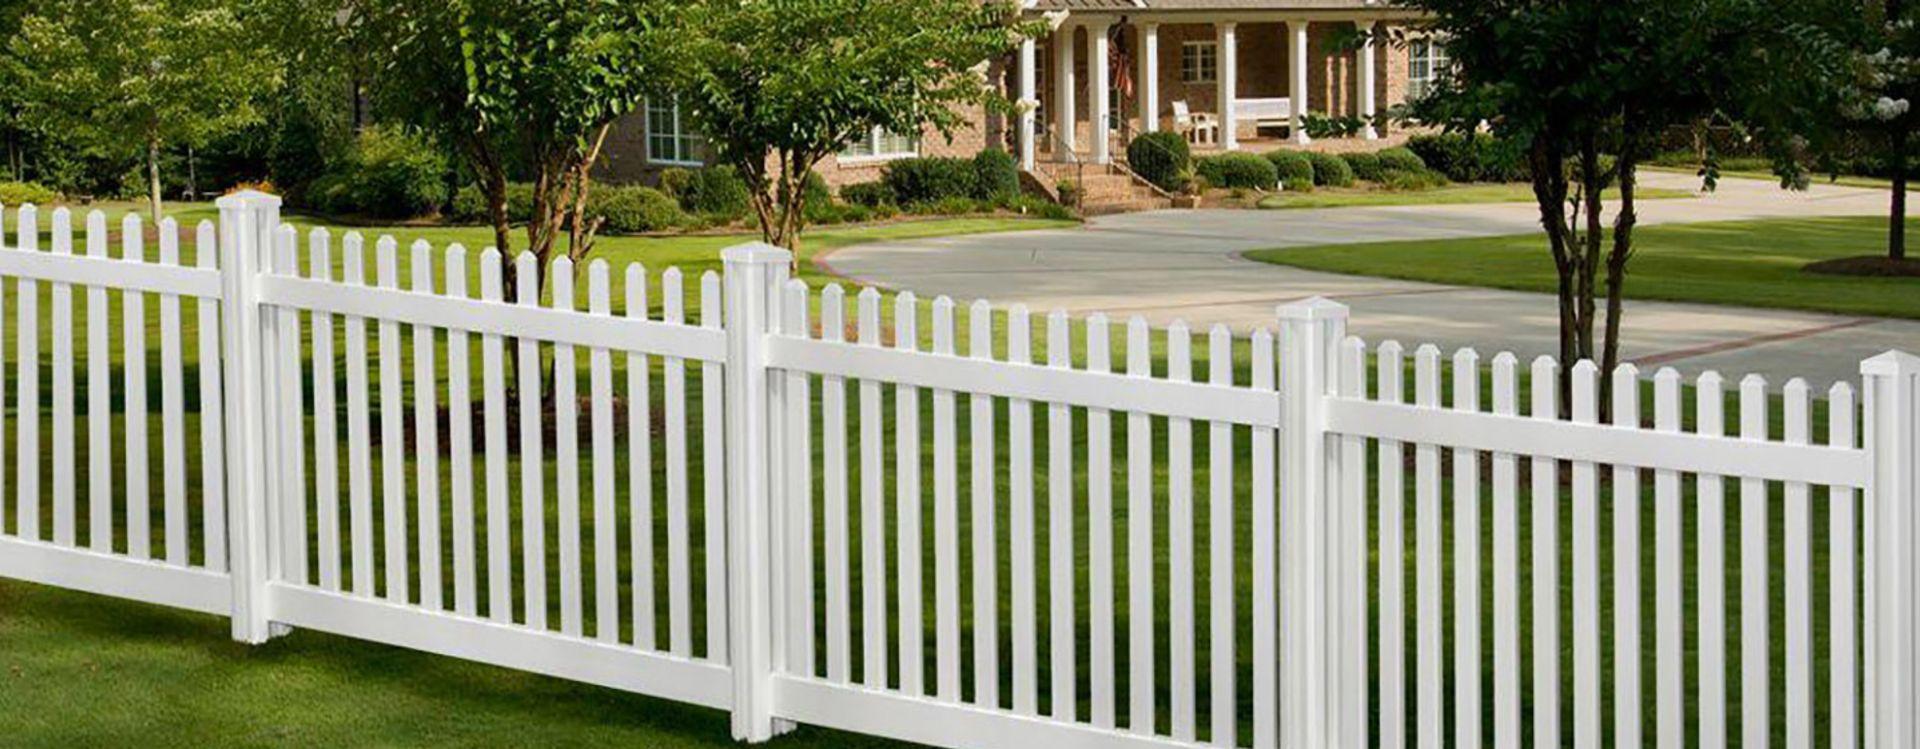 So You Wanna Build a Fence?